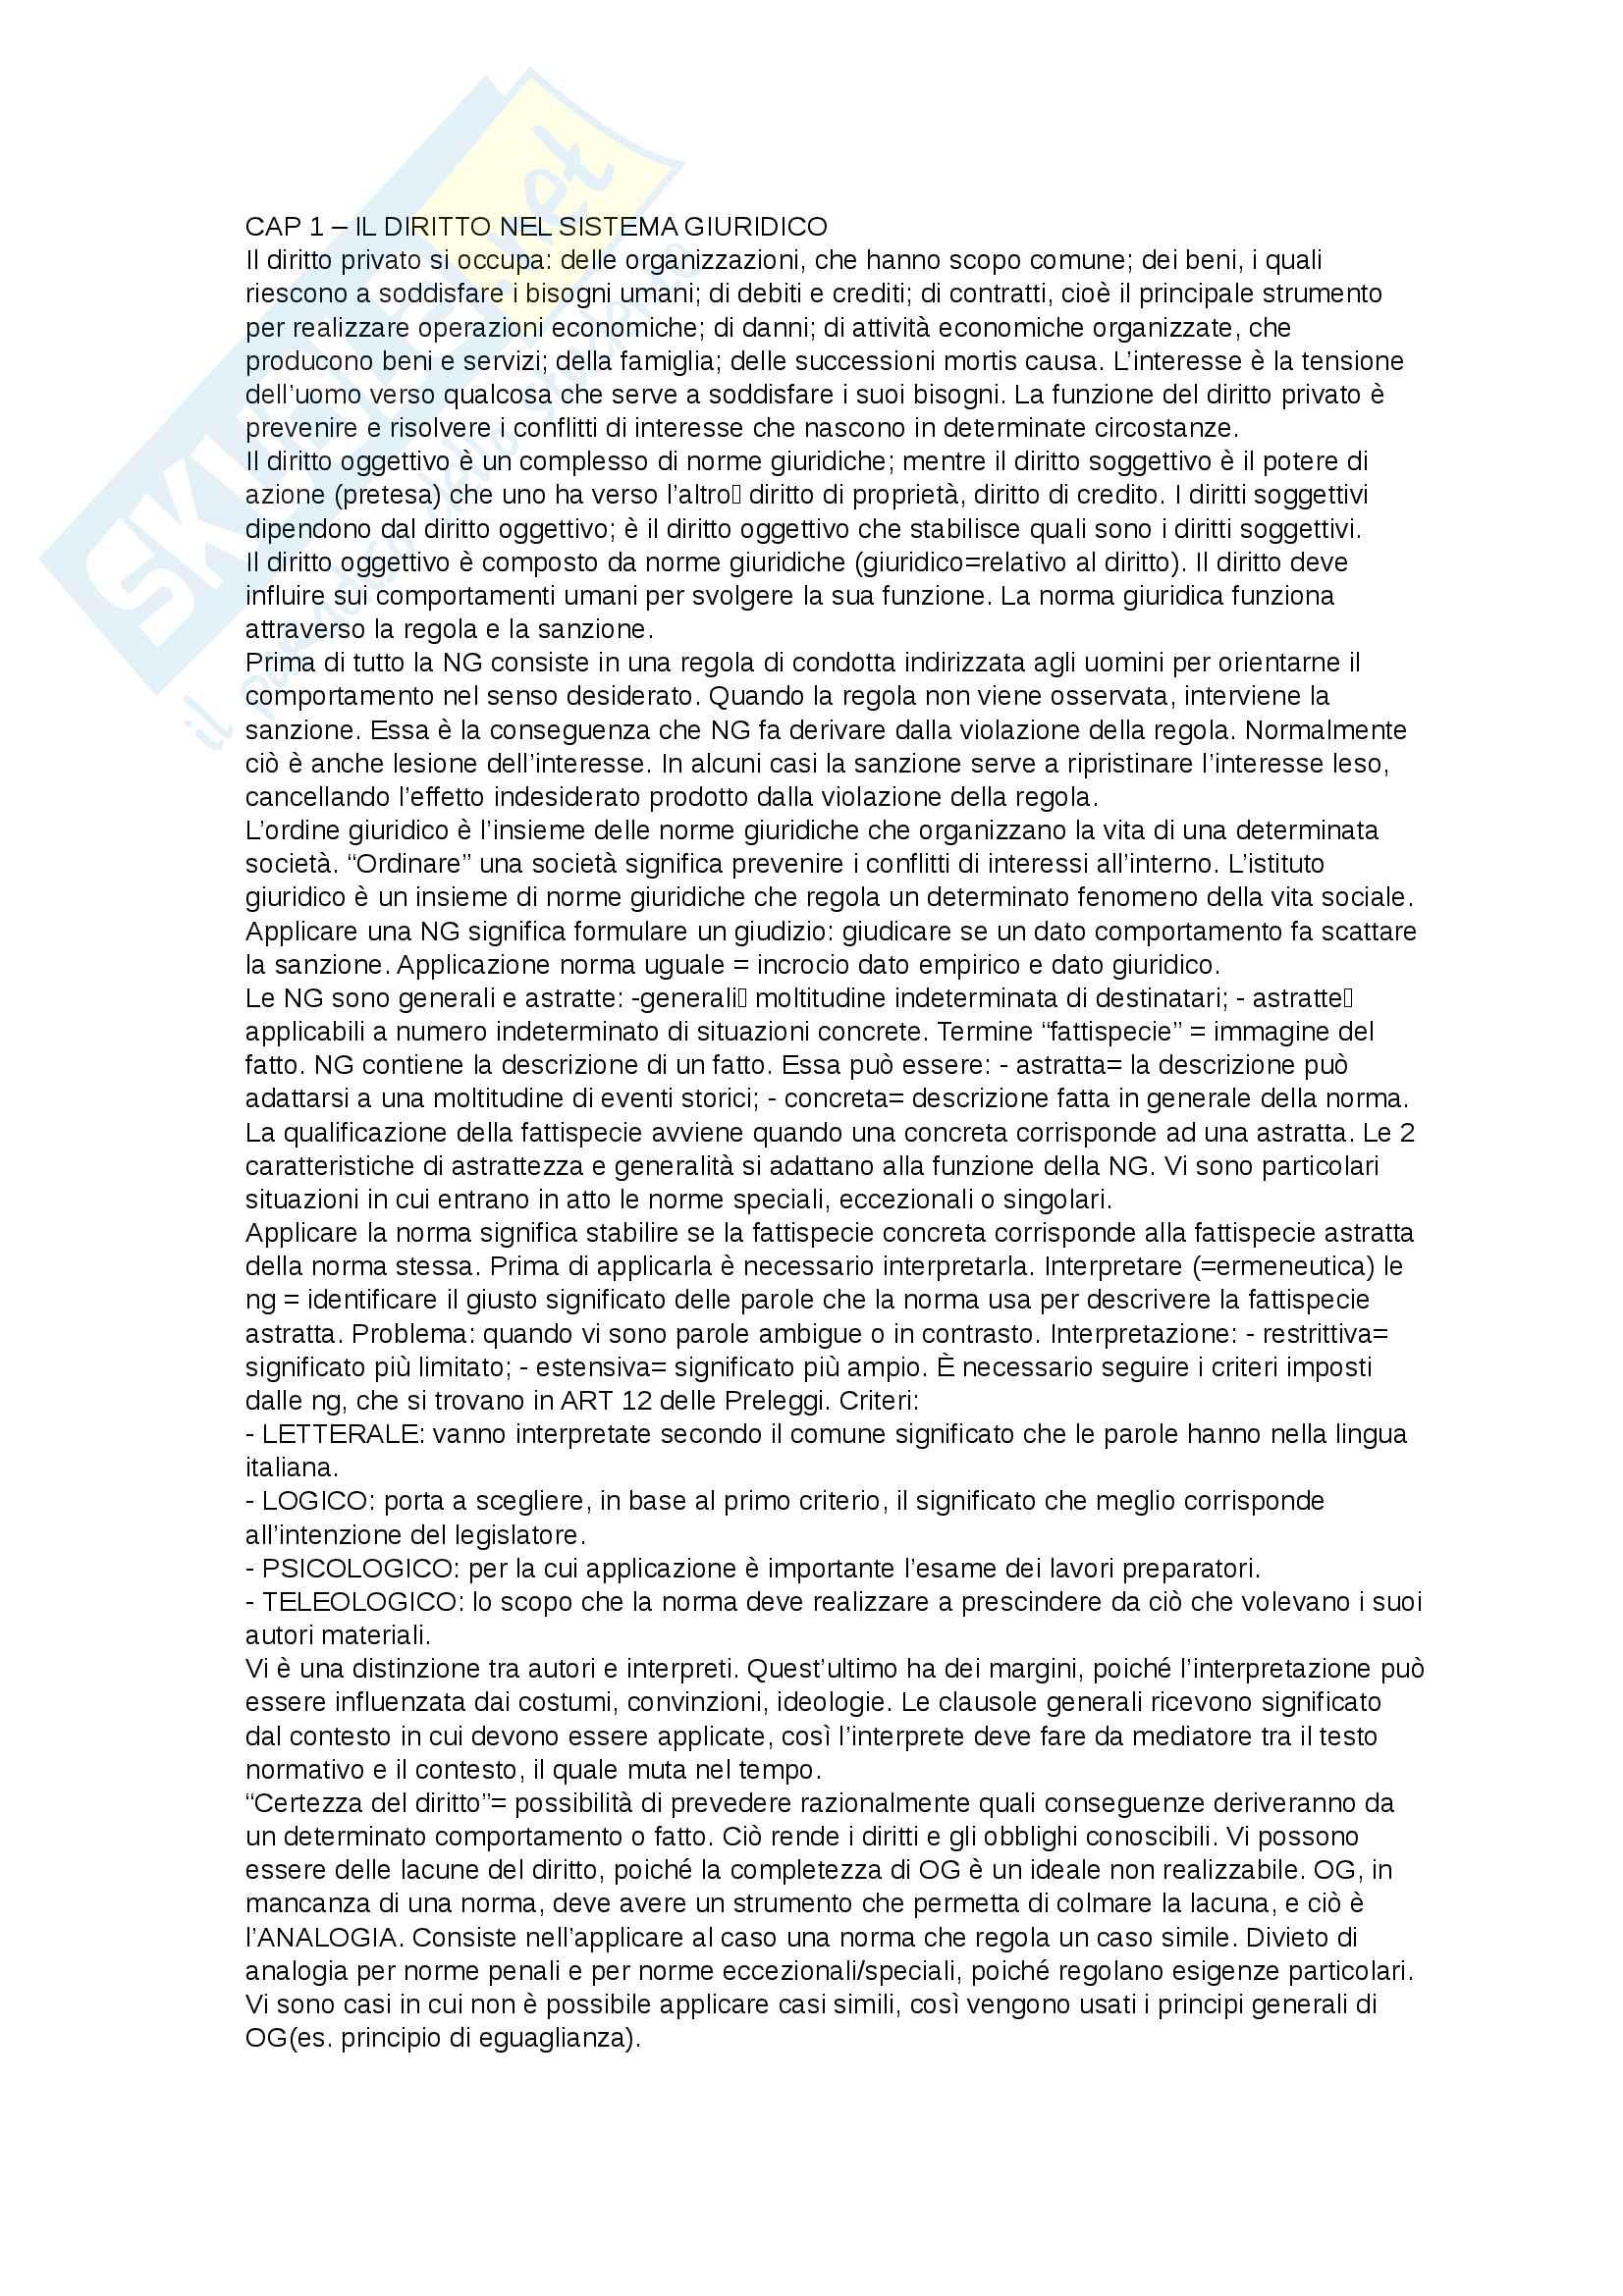 """Riassunto di Diritto privato, prof Ermini, libro consigliato """"Linee essenziali di diritto privato"""", Roppo"""